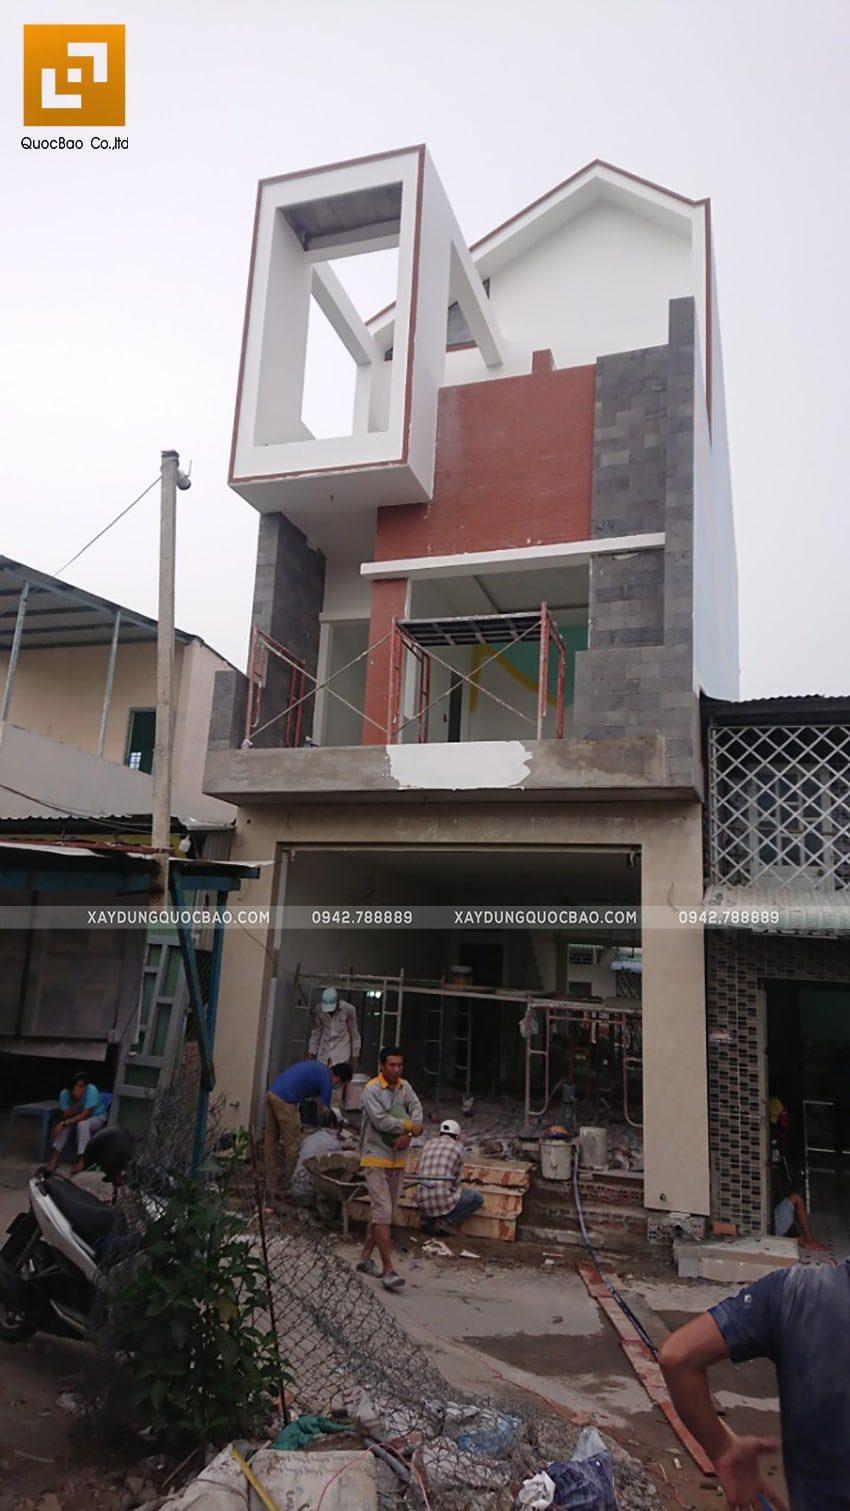 Thi công hoàn thiện khu vực tầng trệt